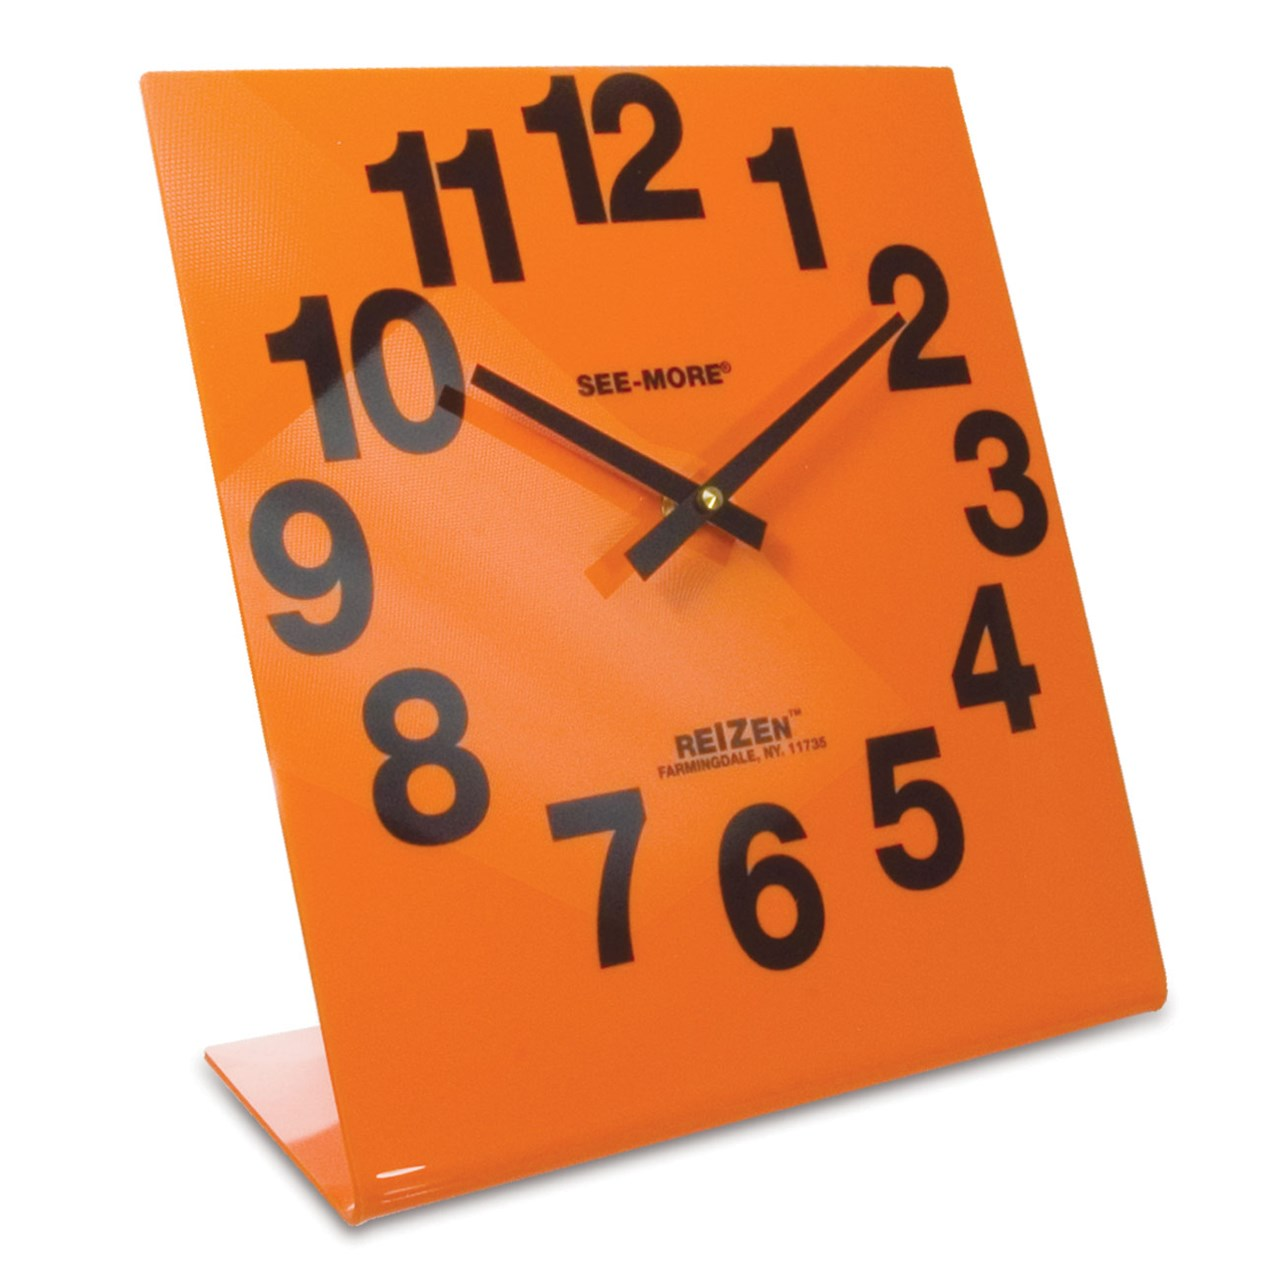 Reizen Giant View Clock- Orange Face